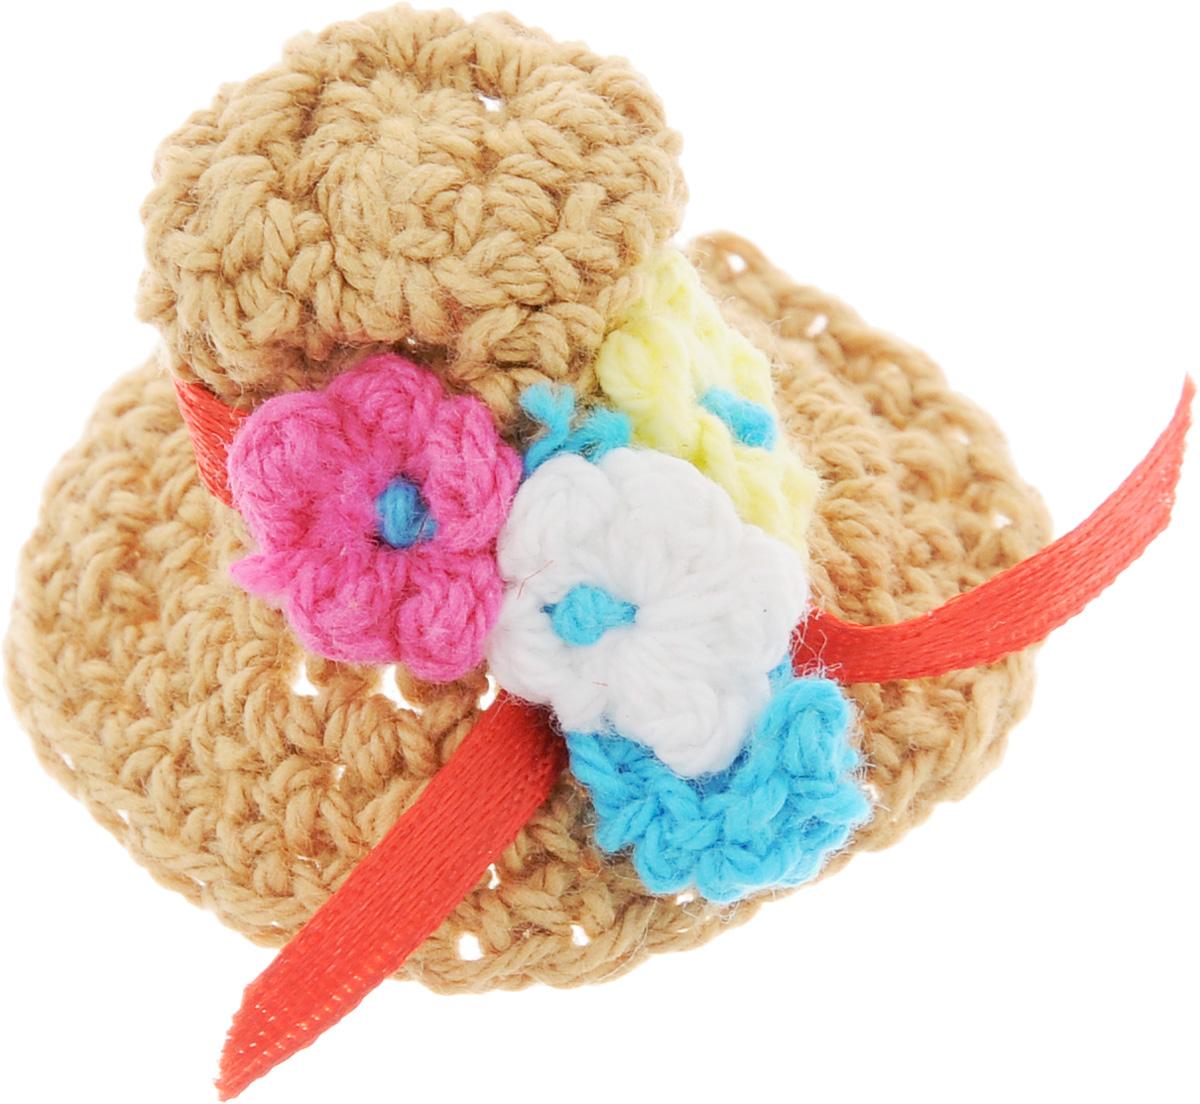 Резинка для животных Каскад Шляпка, цвет: темно-бежевый, диаметр 5 см игрушка для животных каскад мячик пробковый диаметр 3 5 см